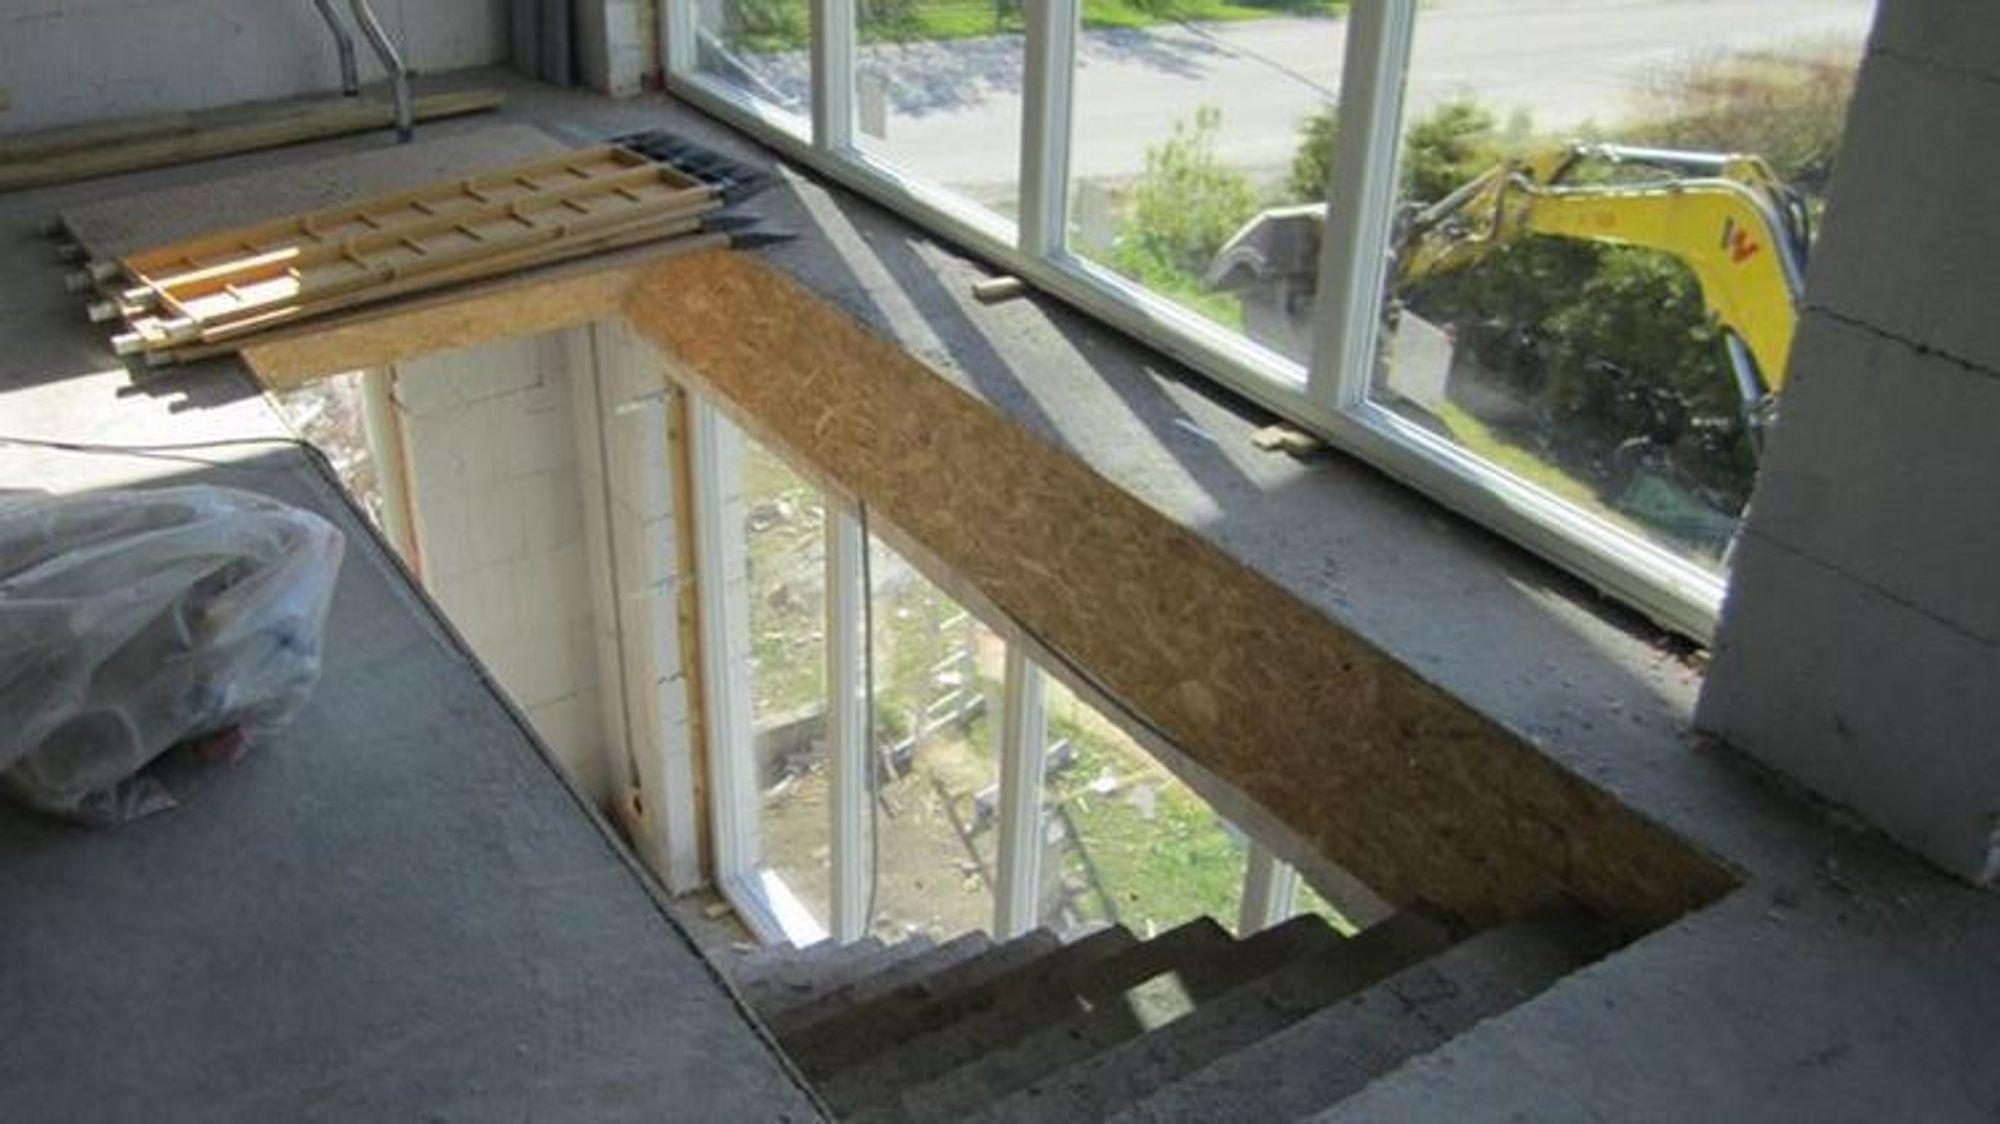 Åpne trappeløp er et vanlig sikkerhetsbrudd på byggeplasser.